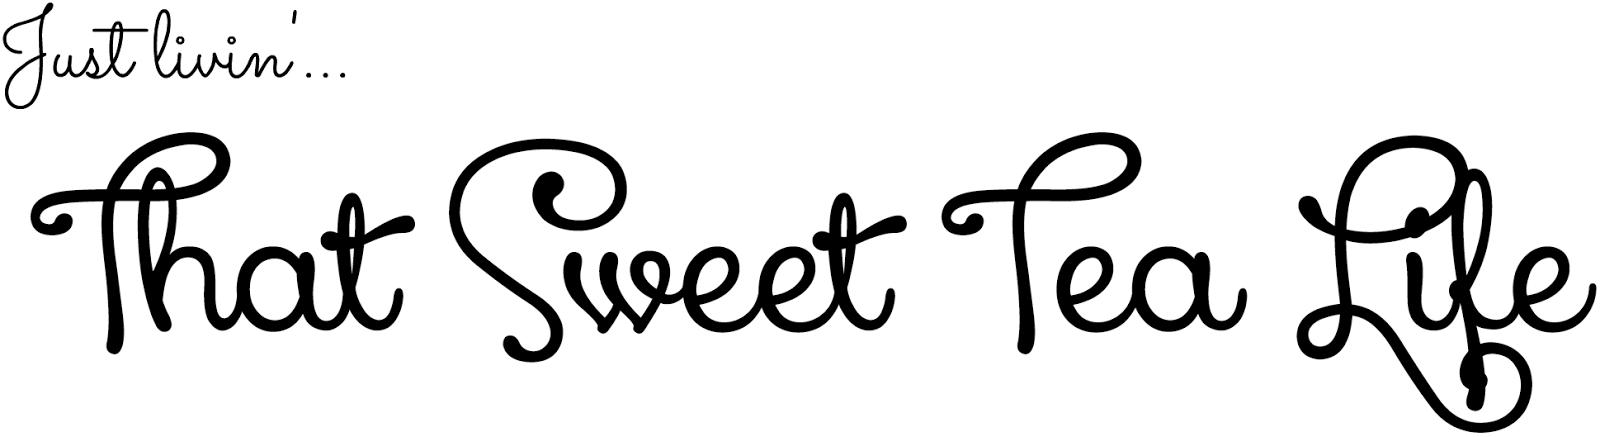 ThatSweetTeaLife